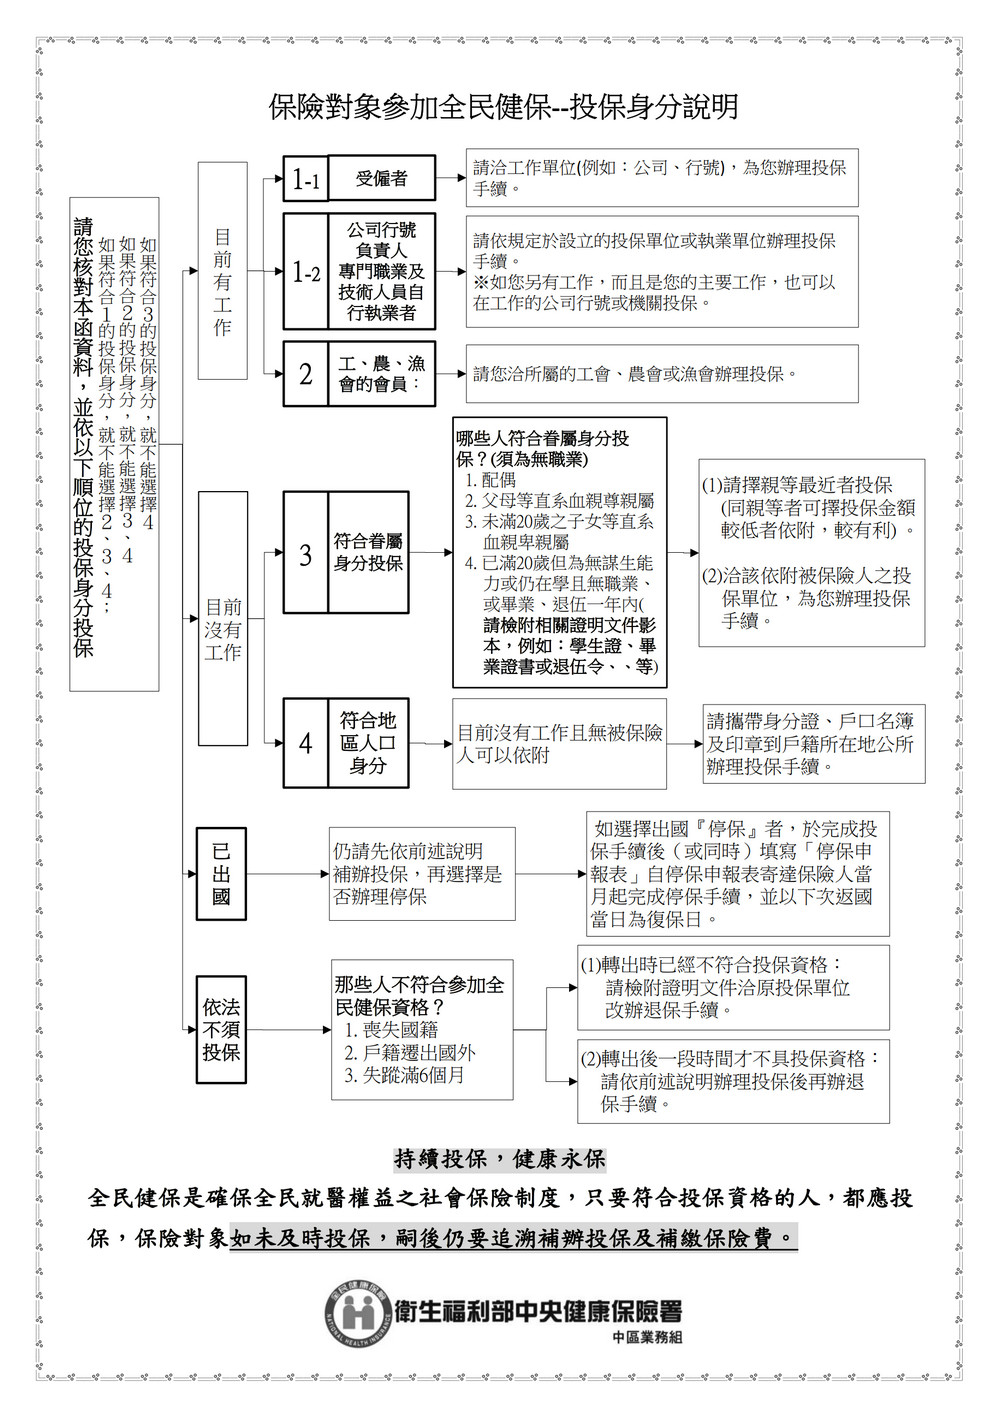 proimages/20210312-大臺中.jpg